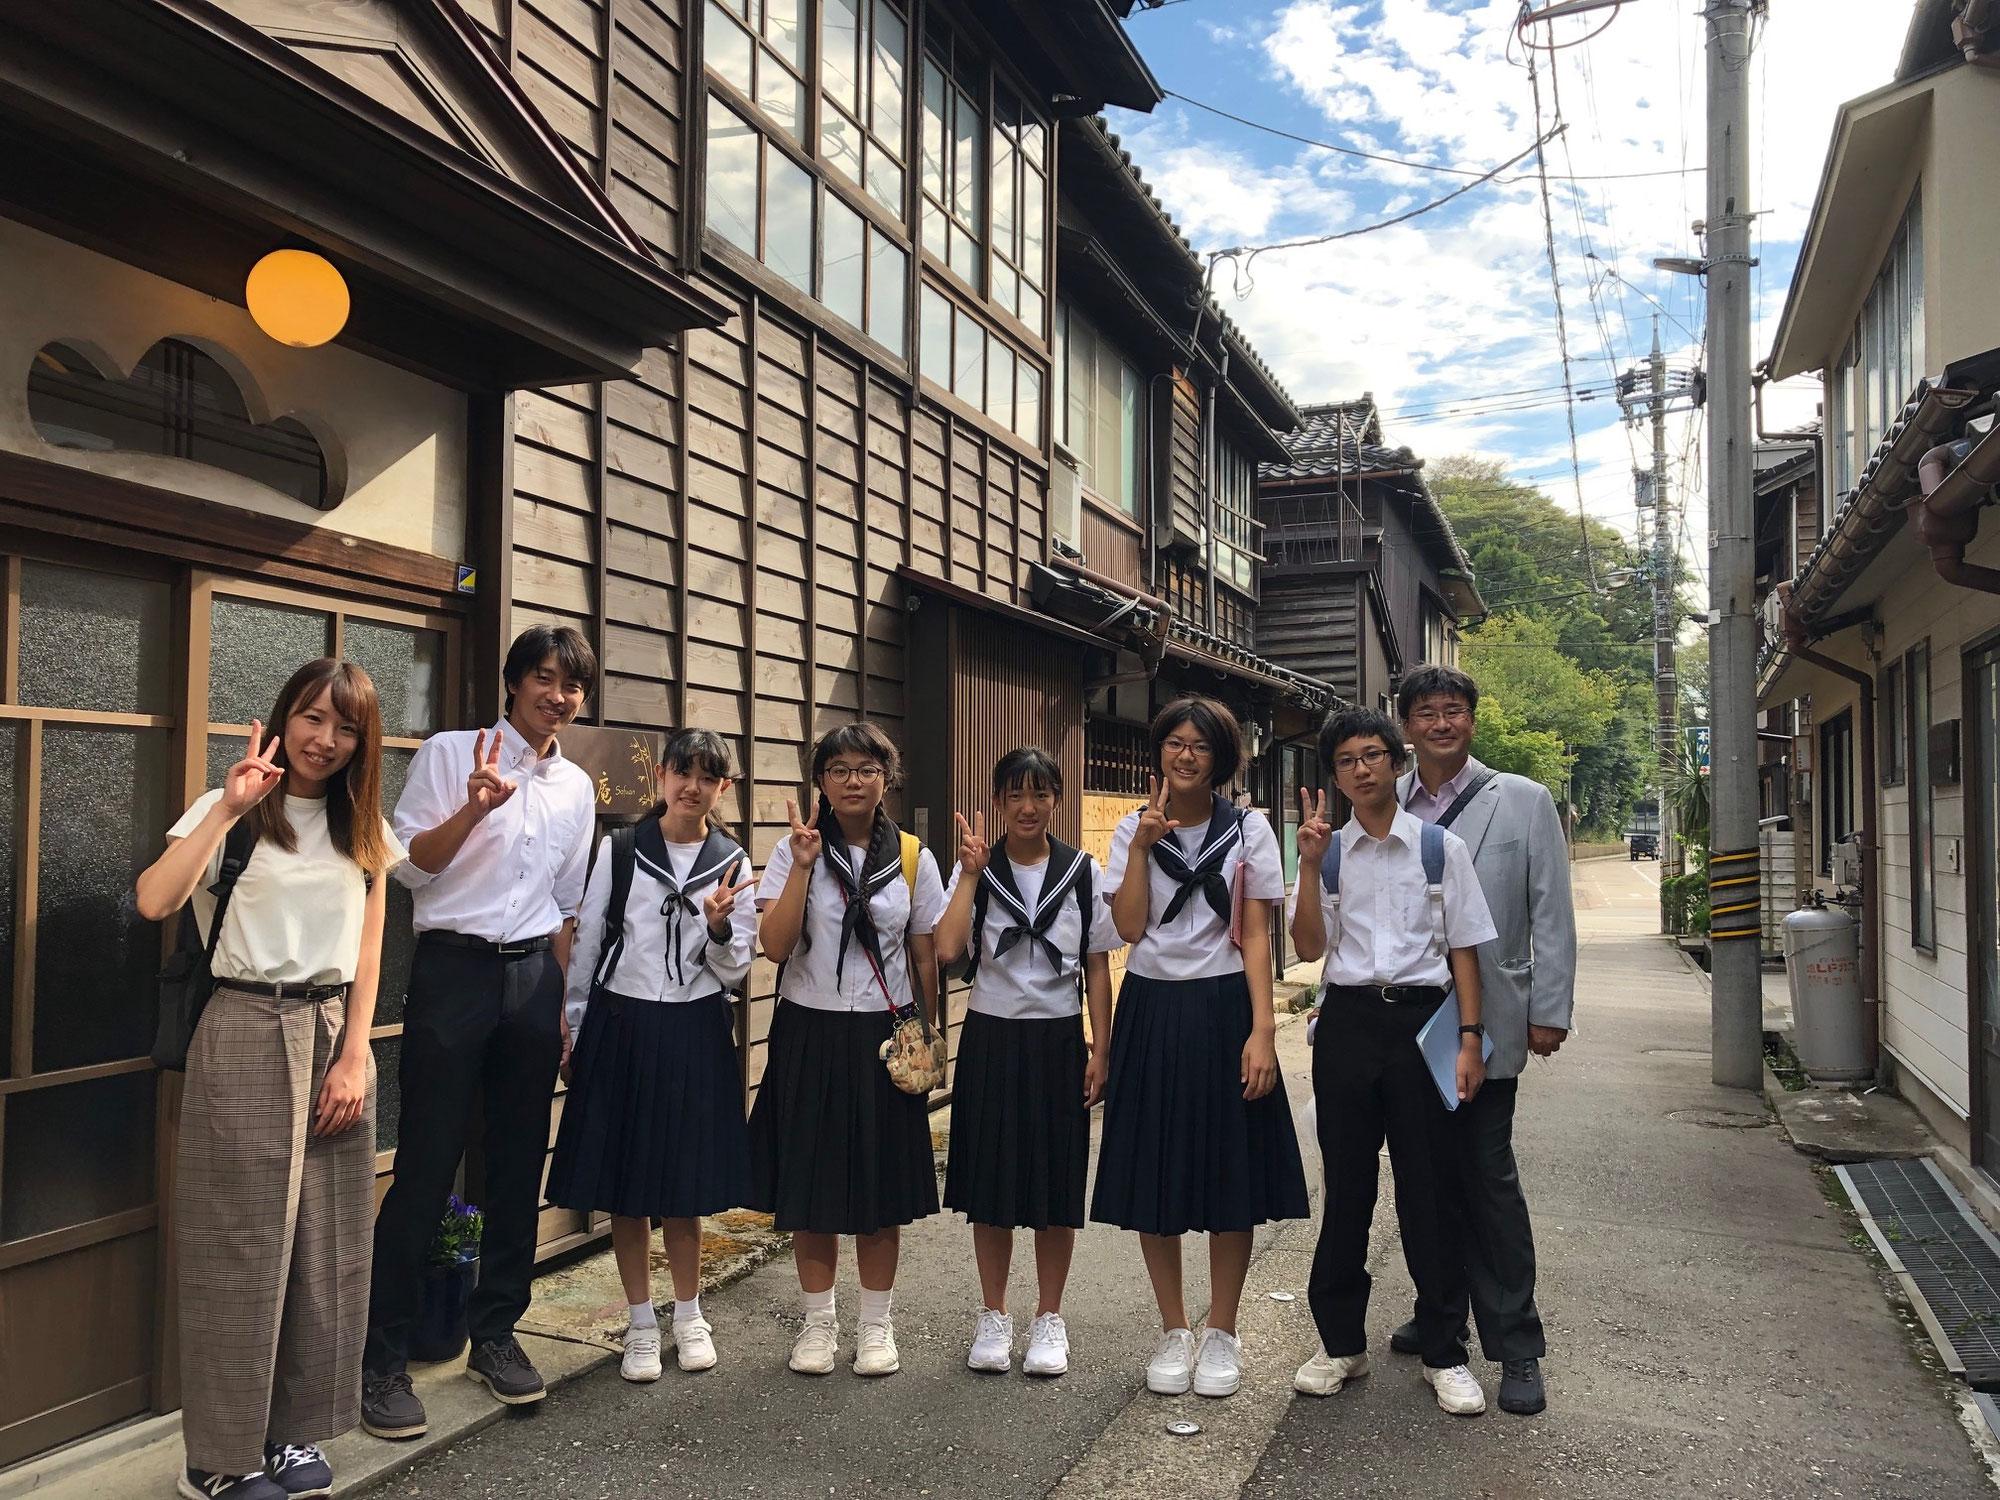 島の中学校の修学旅行生を迎えました